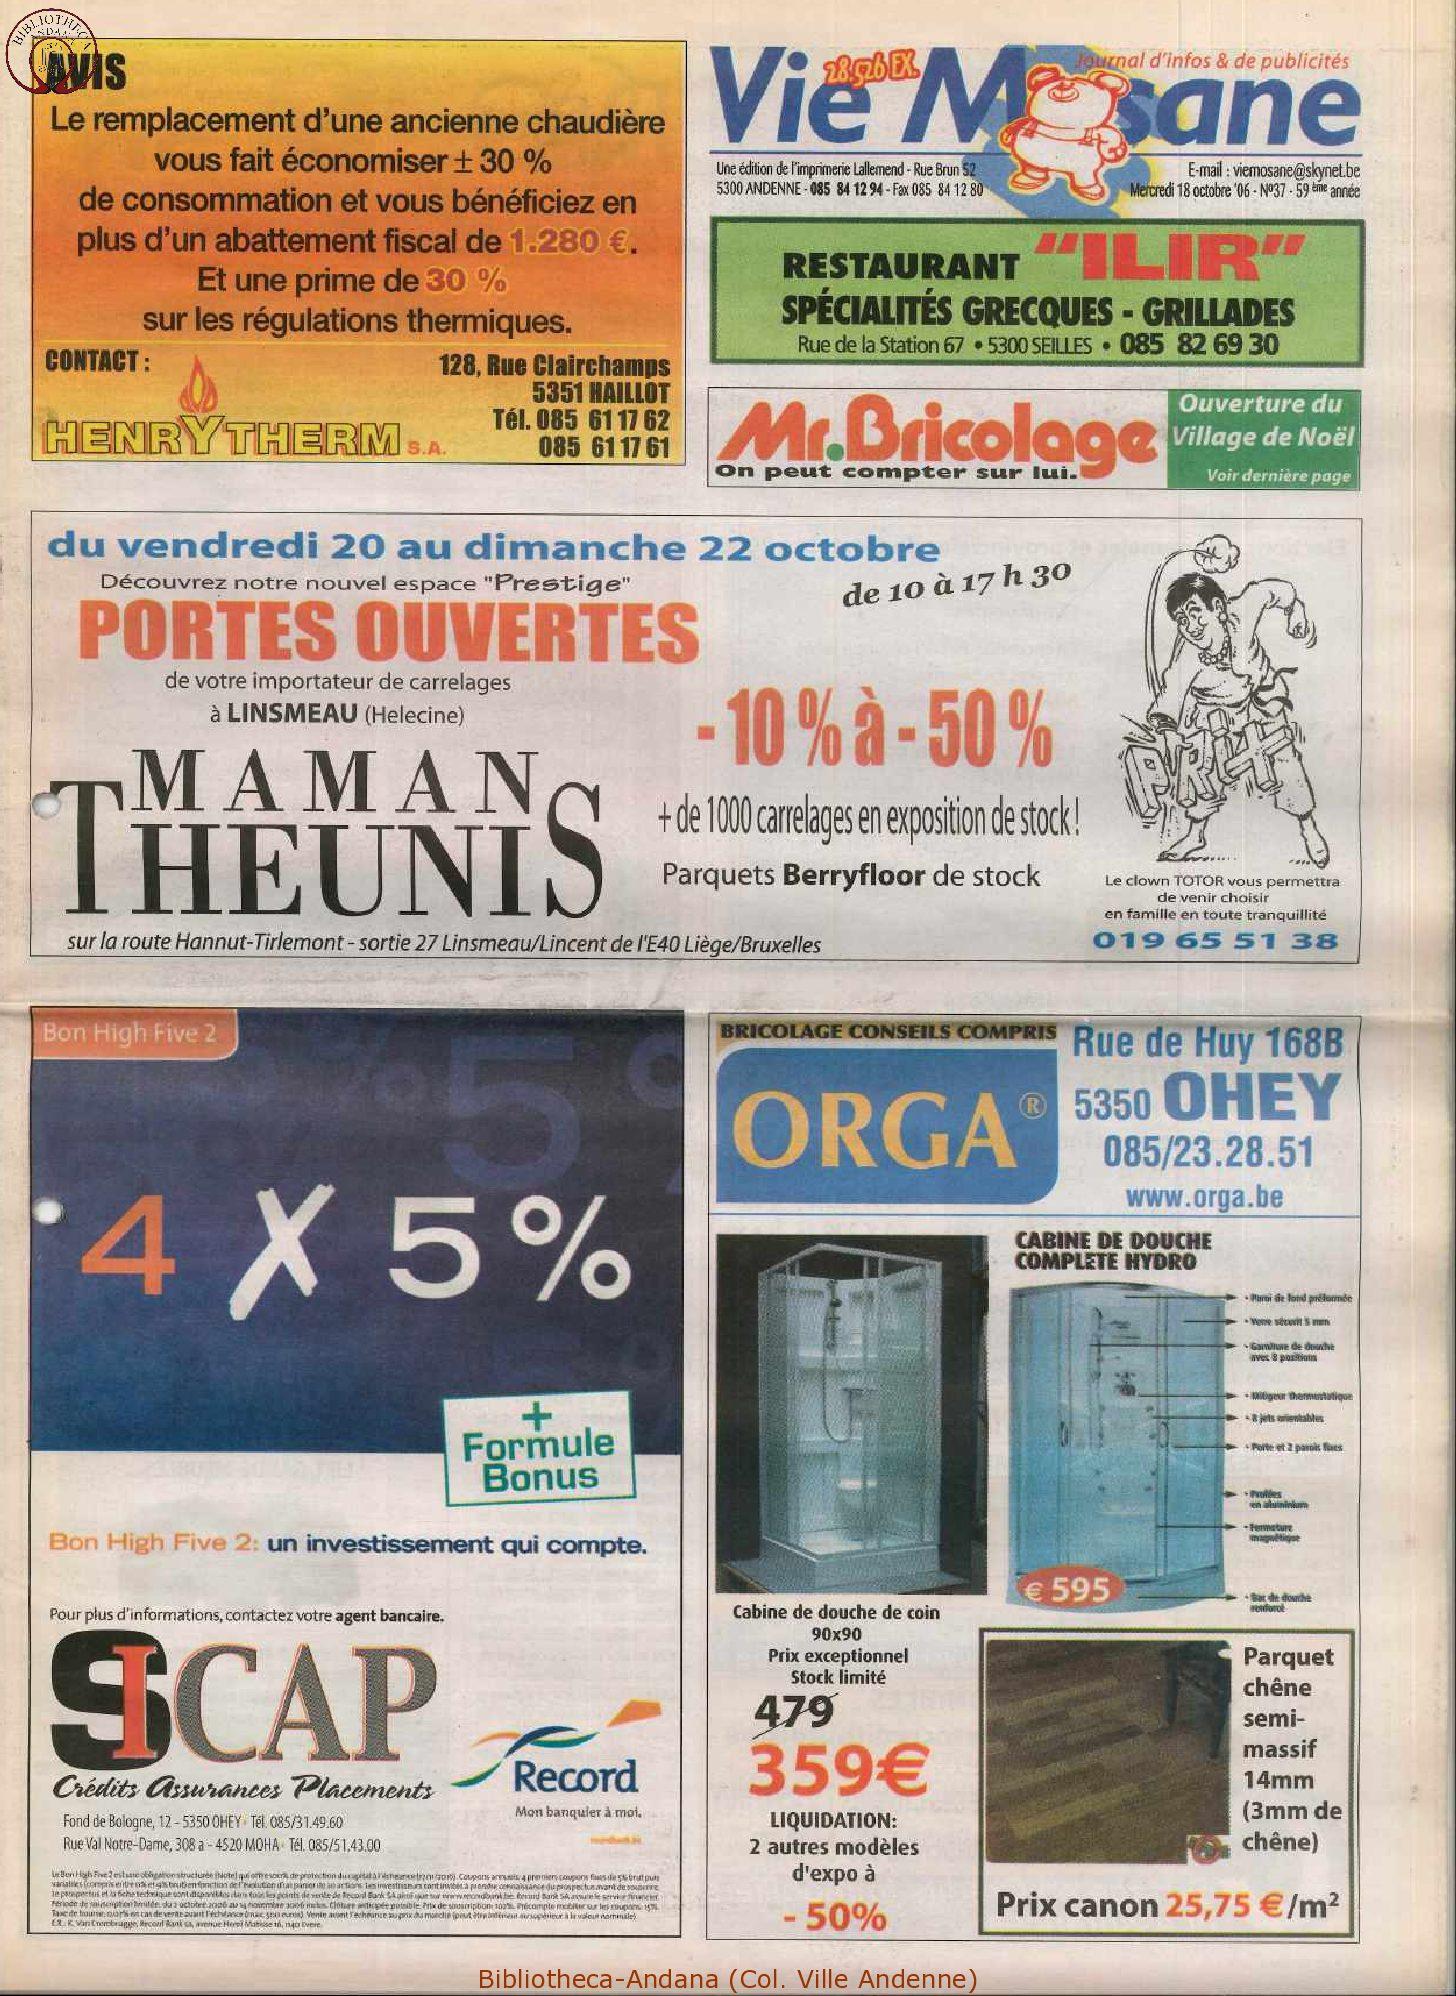 59e année - n°37 - 18 octobre 2006